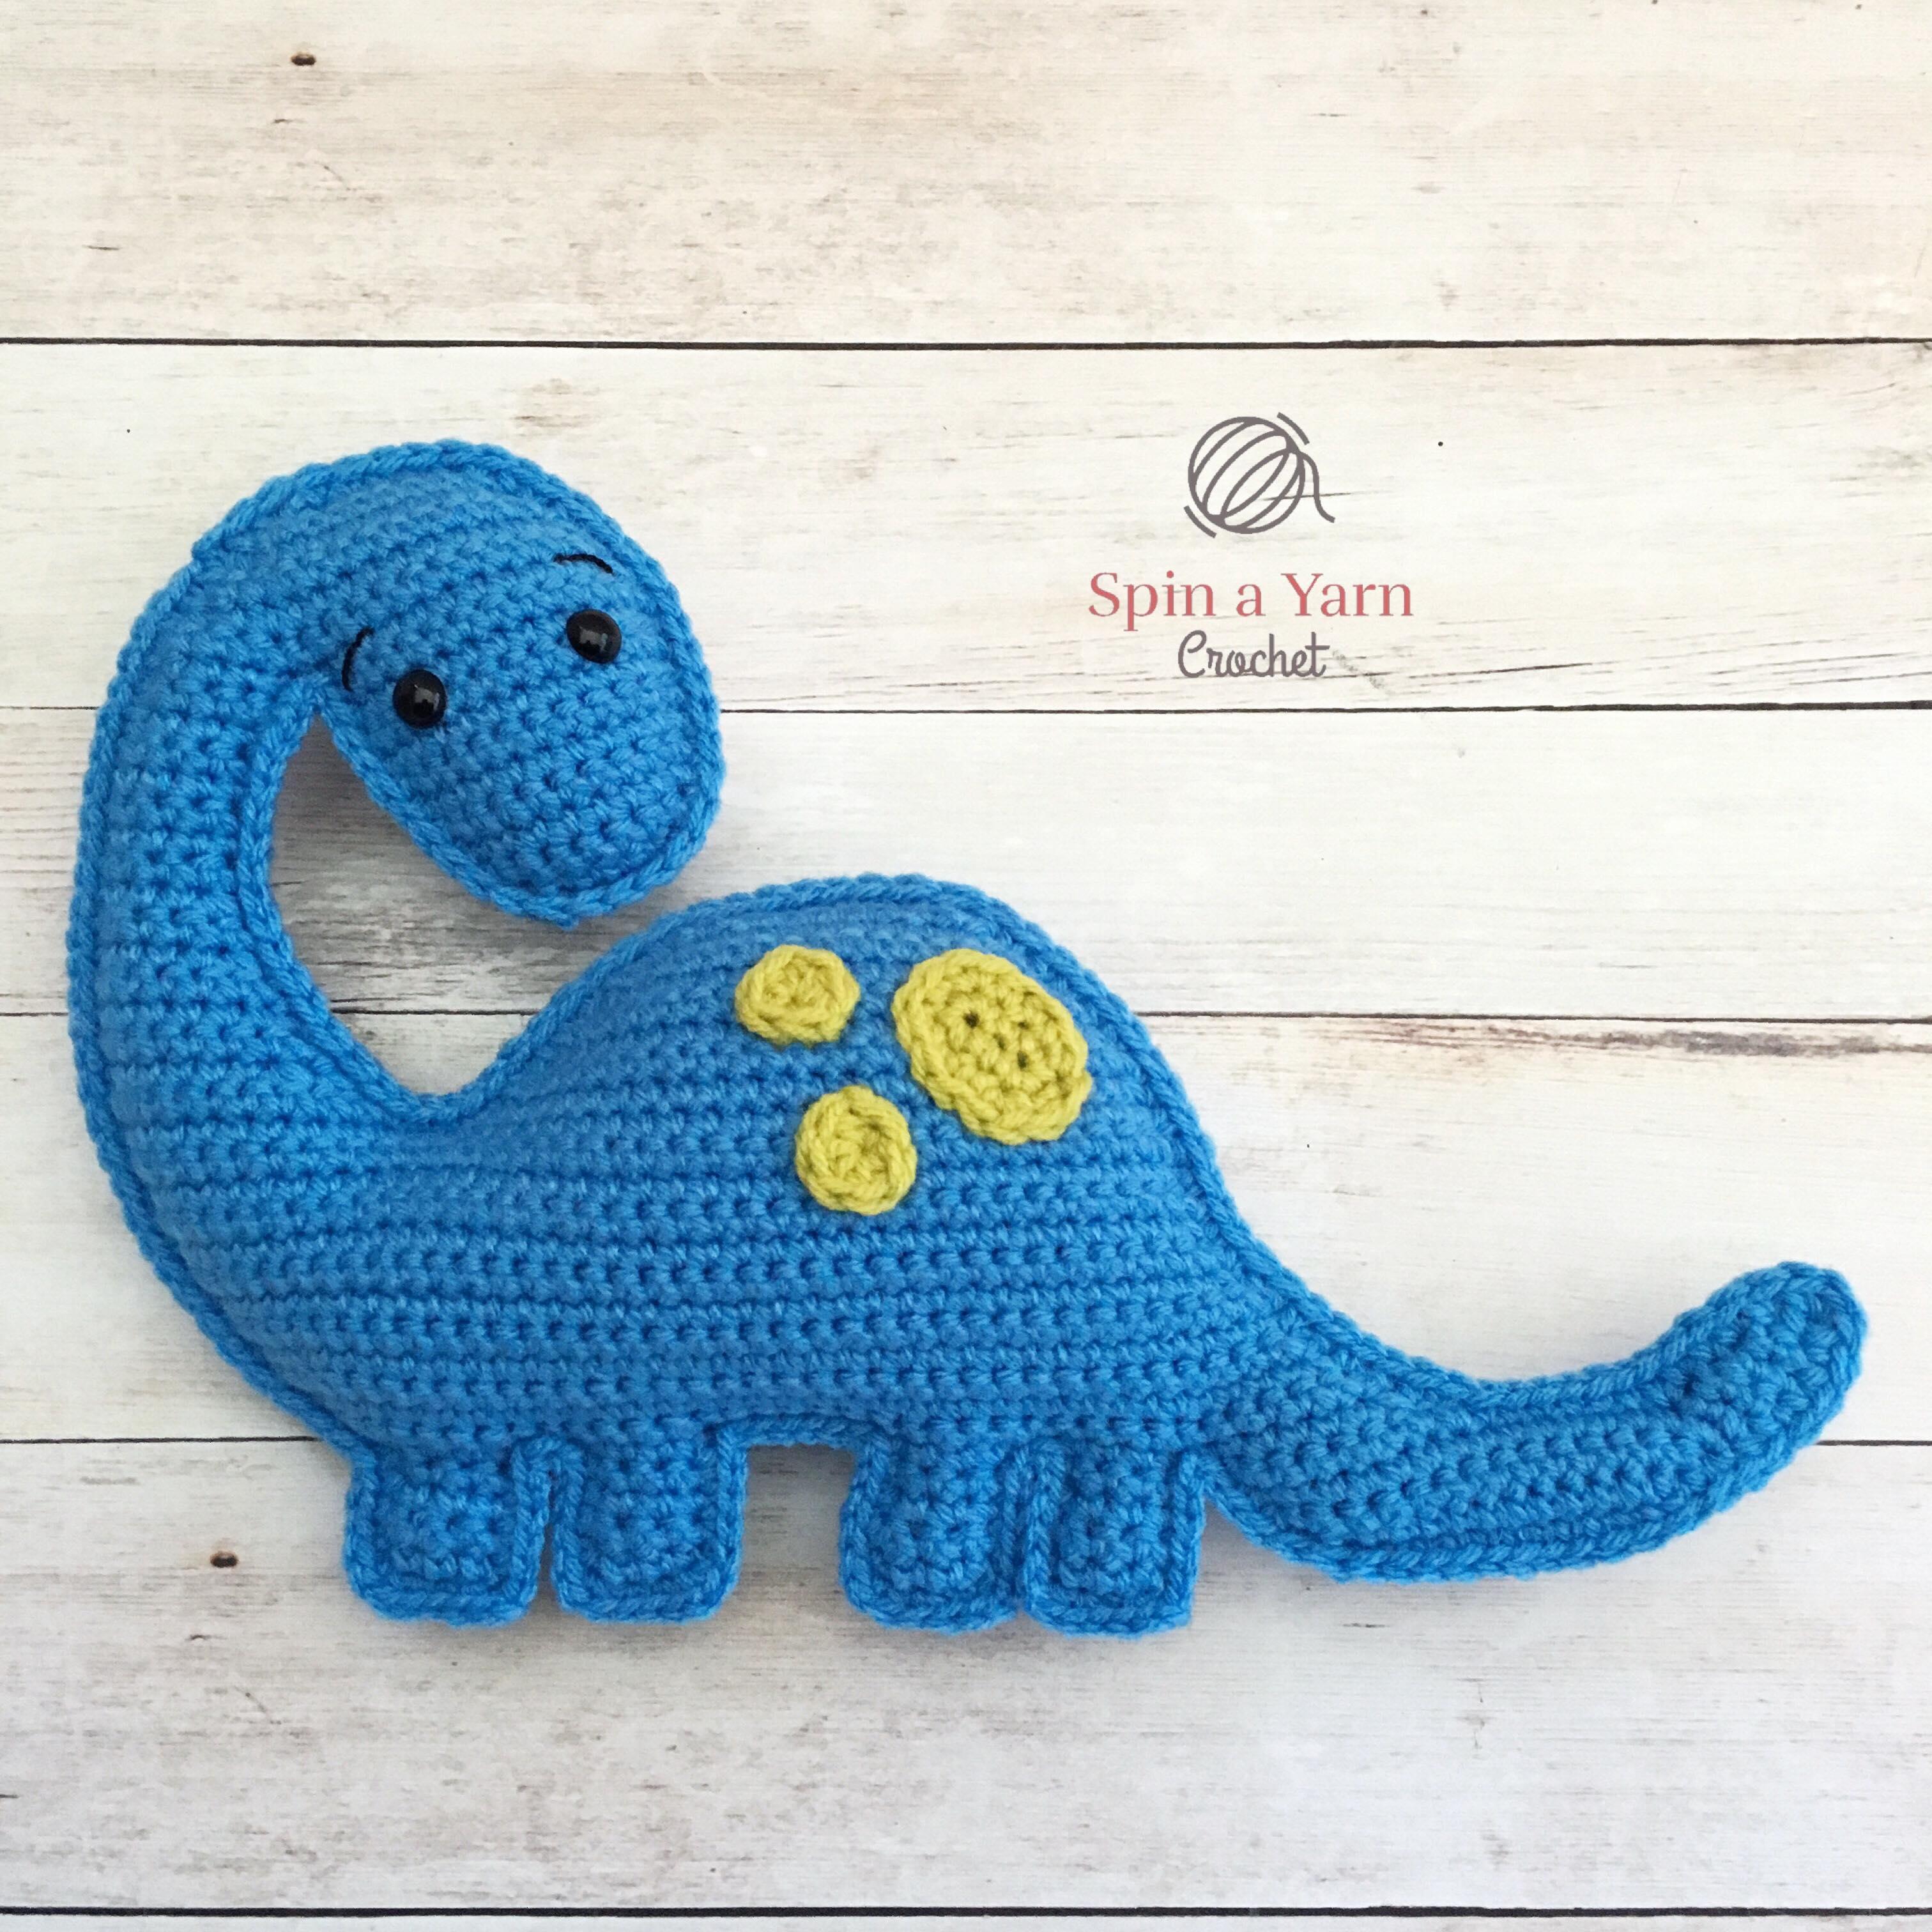 crochet dinosaur miniature stuffed toy, amigurumi brontosaurus toy ... | 3024x3024